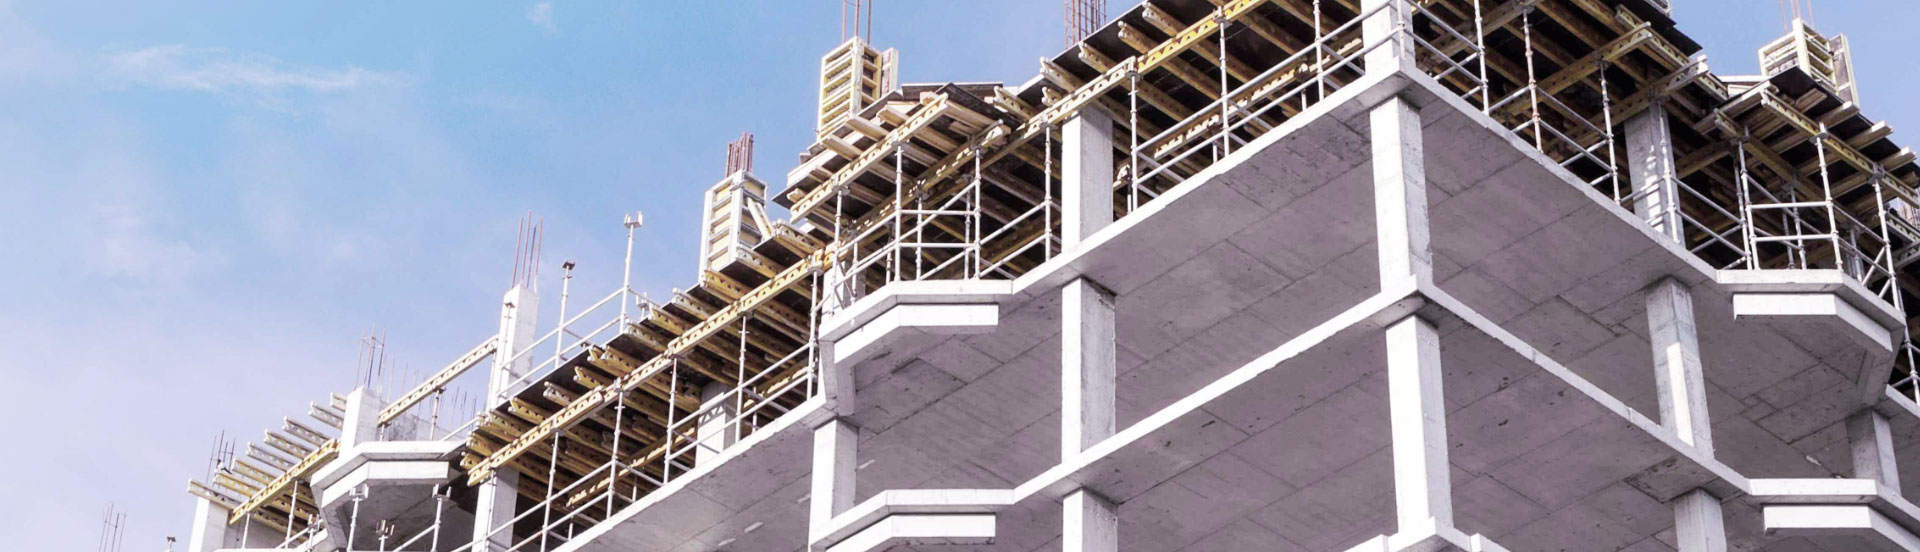 Beton konstrukcyjny